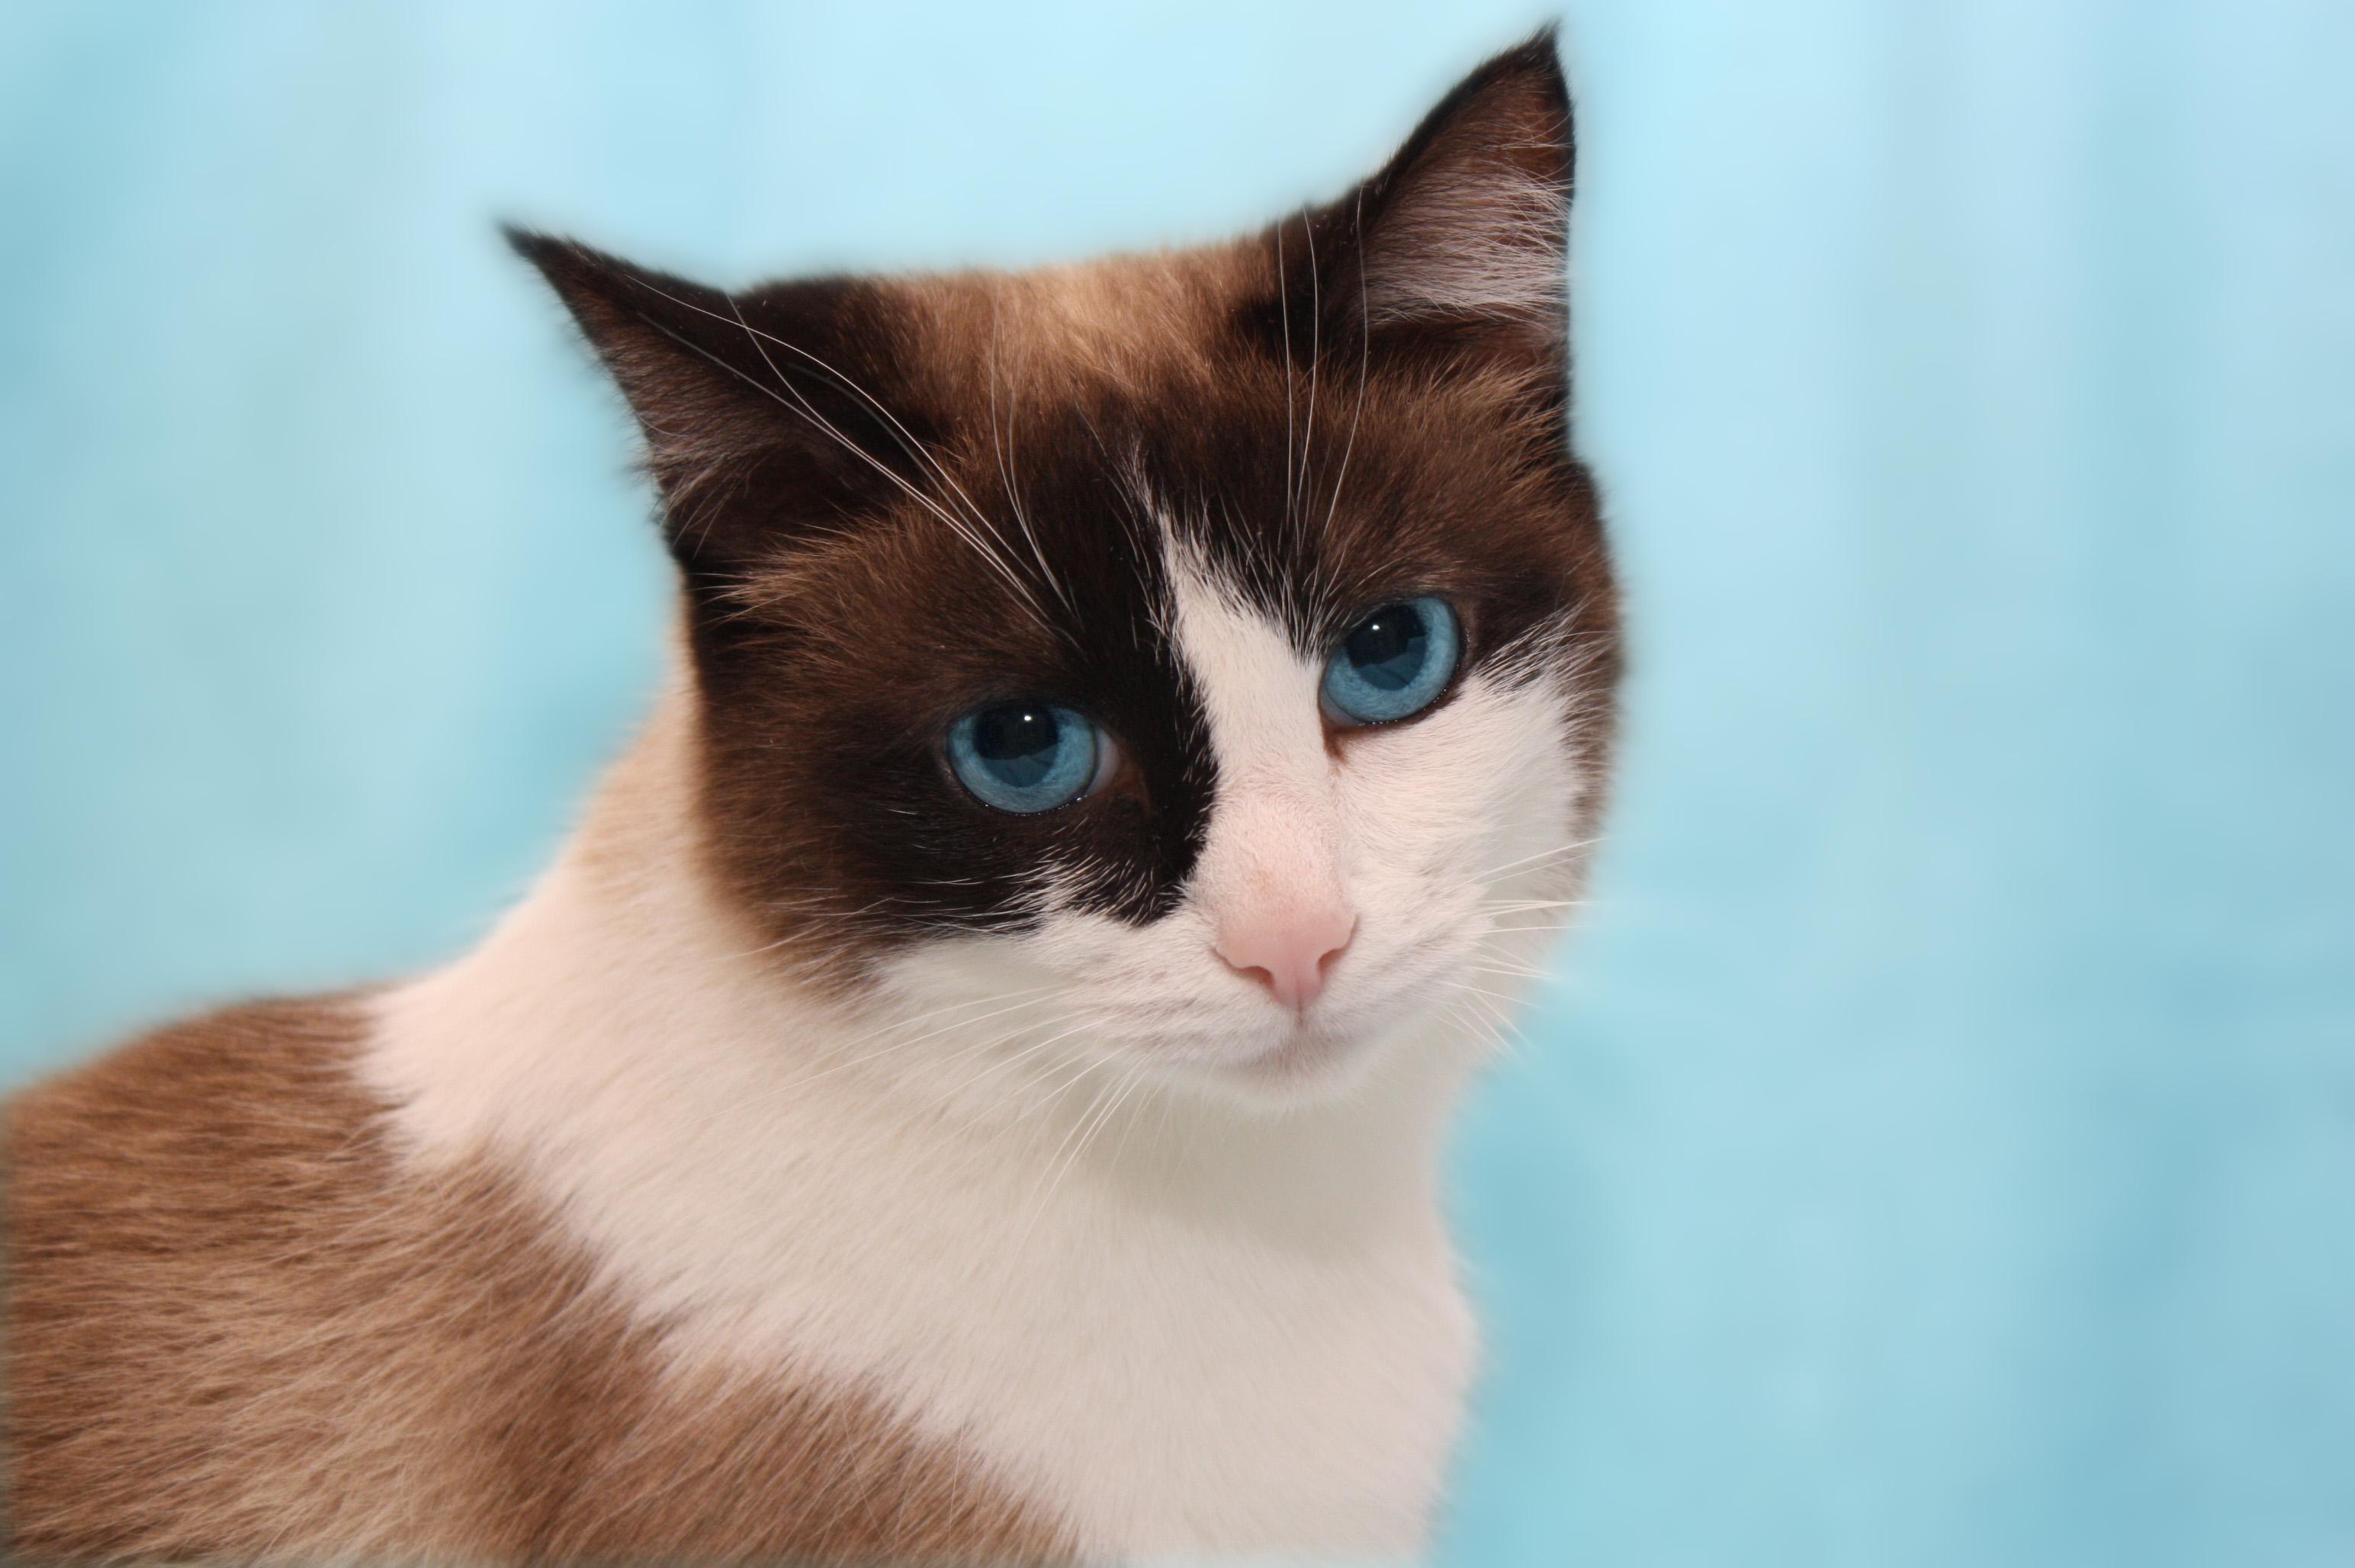 аллергия на кошку фото сыпи